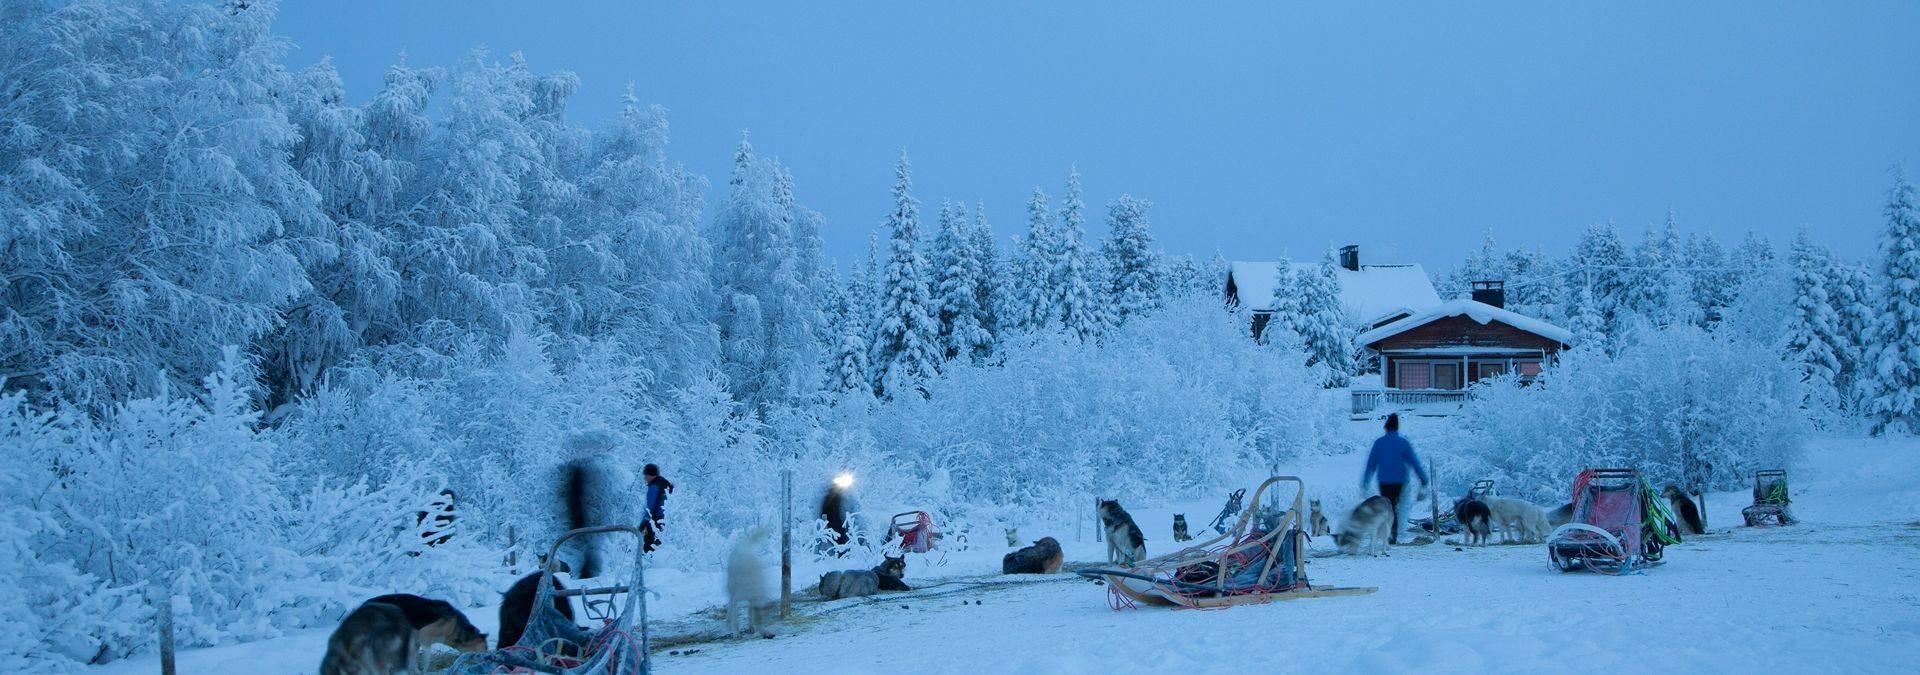 Please credit Antti Pietakainen 2012 (103).jpg